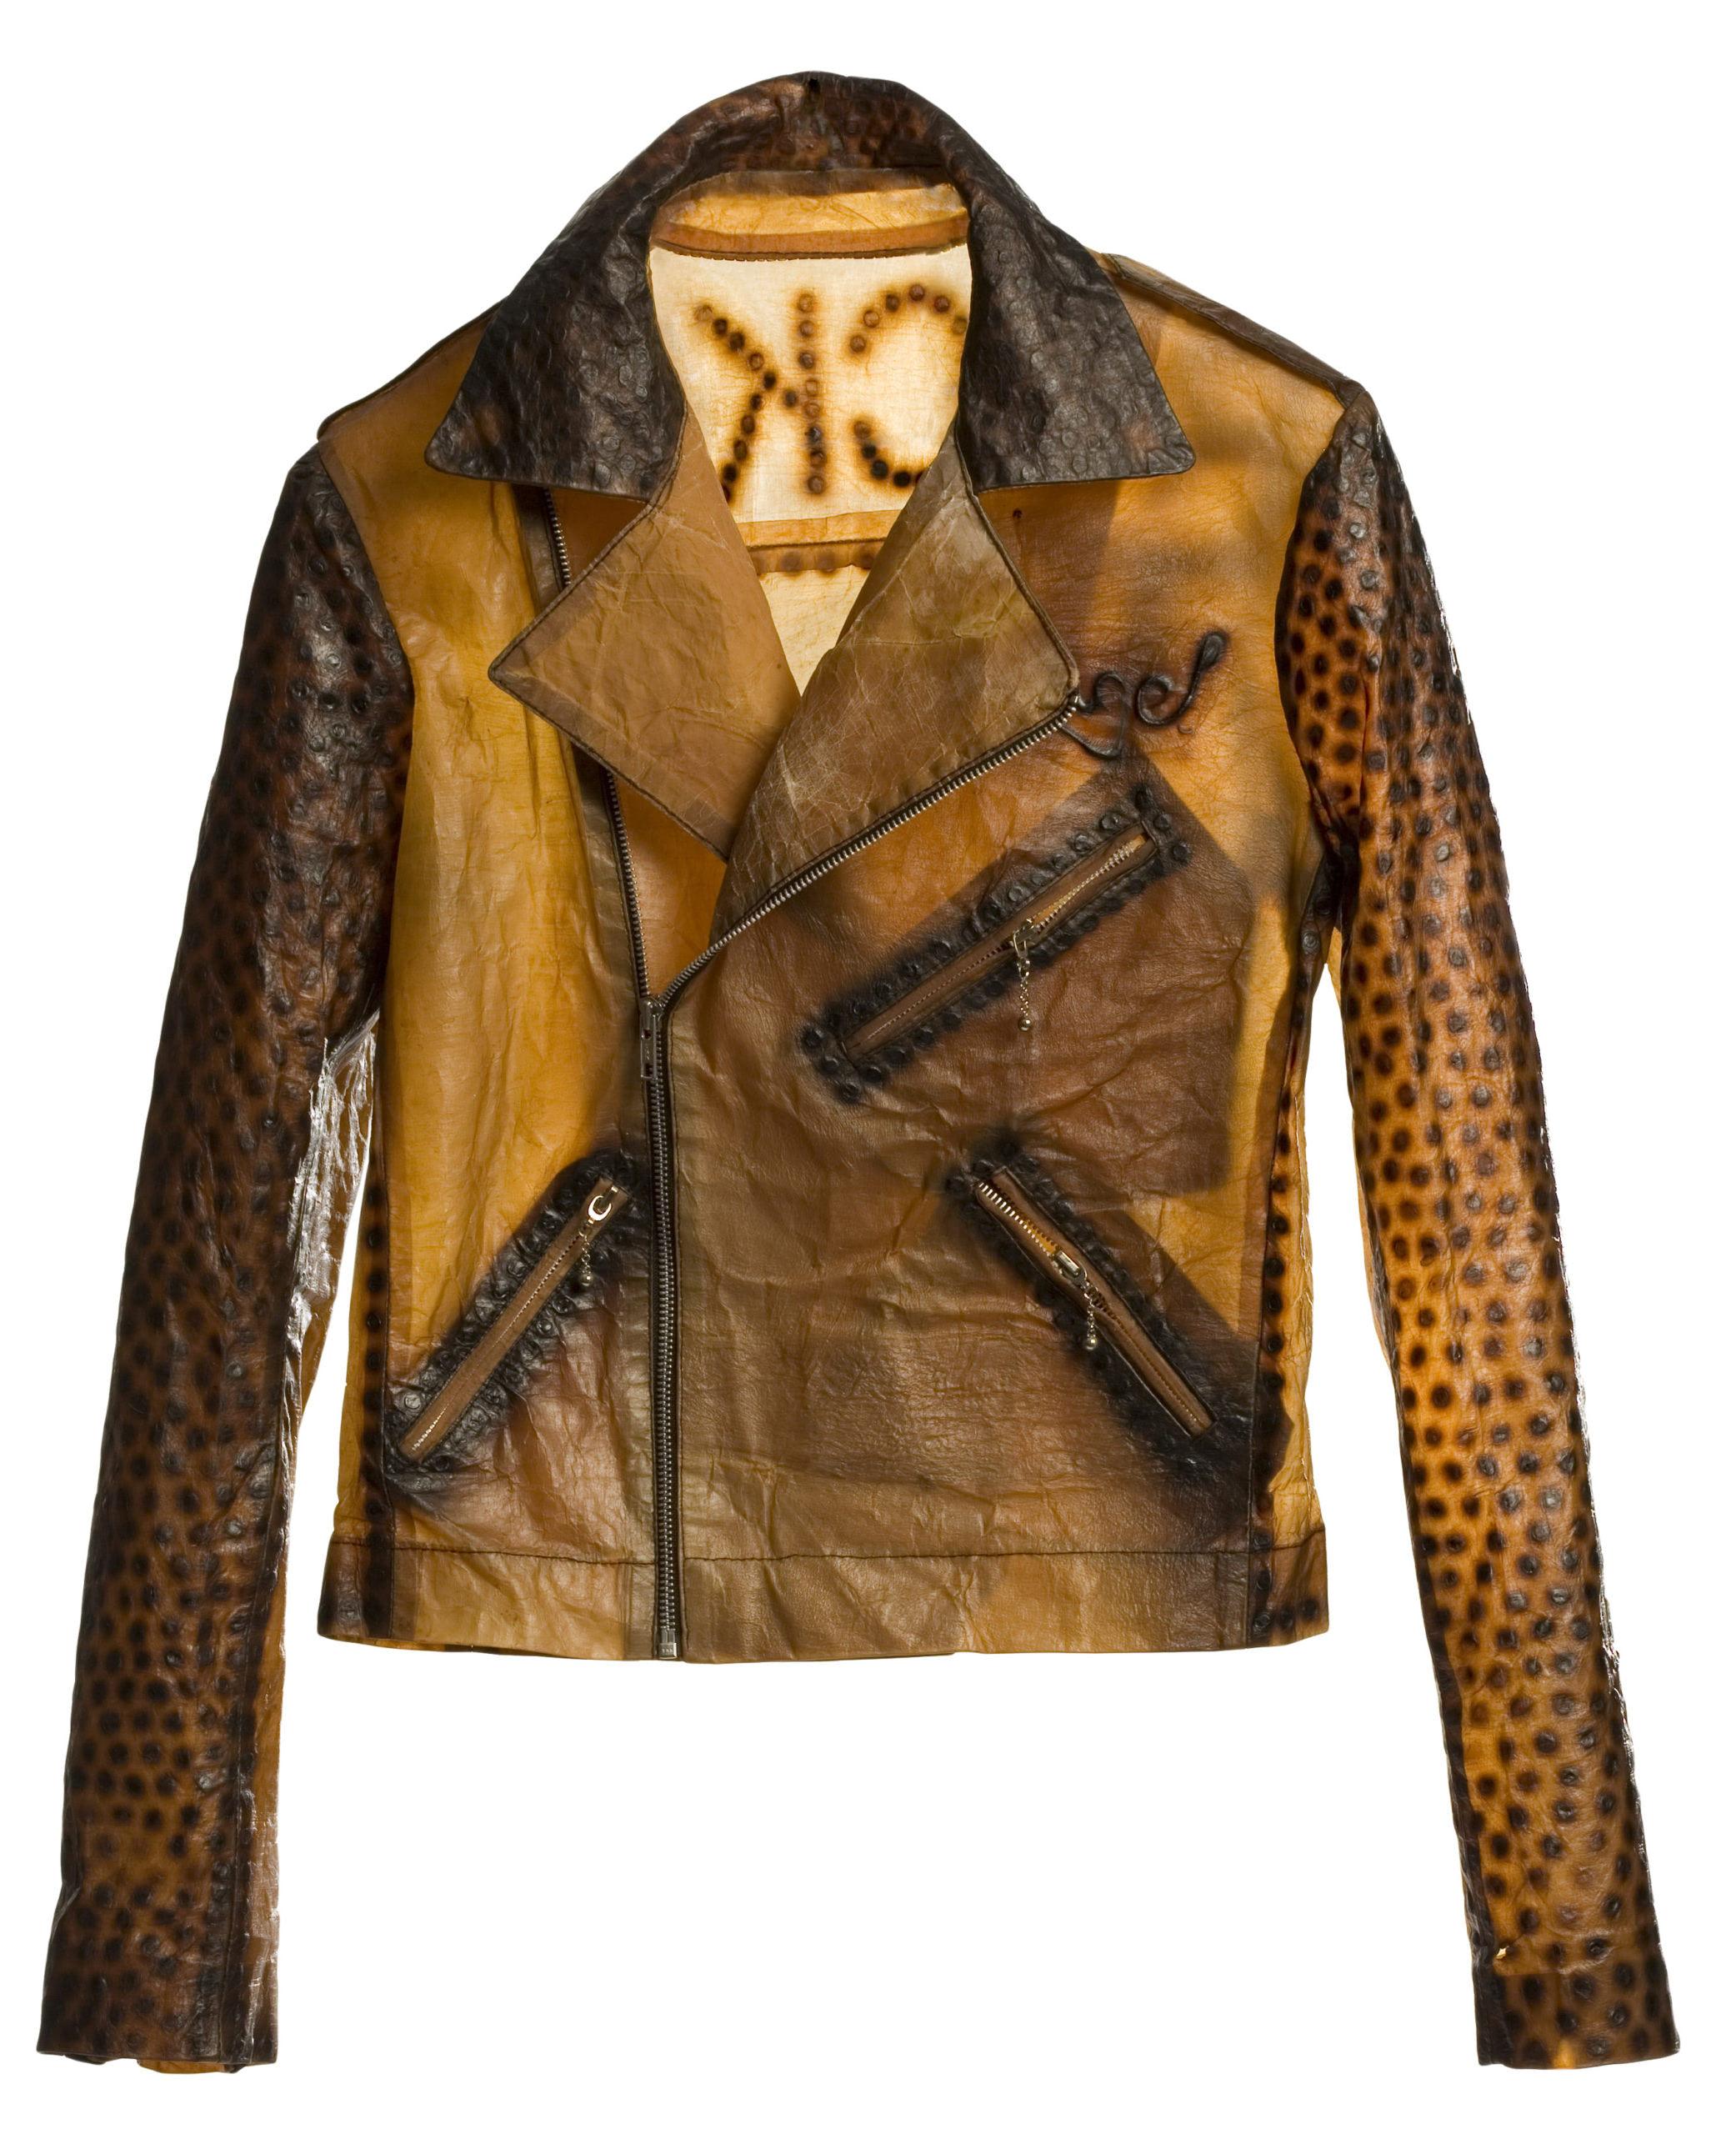 BiocoutureTM Biker Jacket, 2006, ©Biofabricate